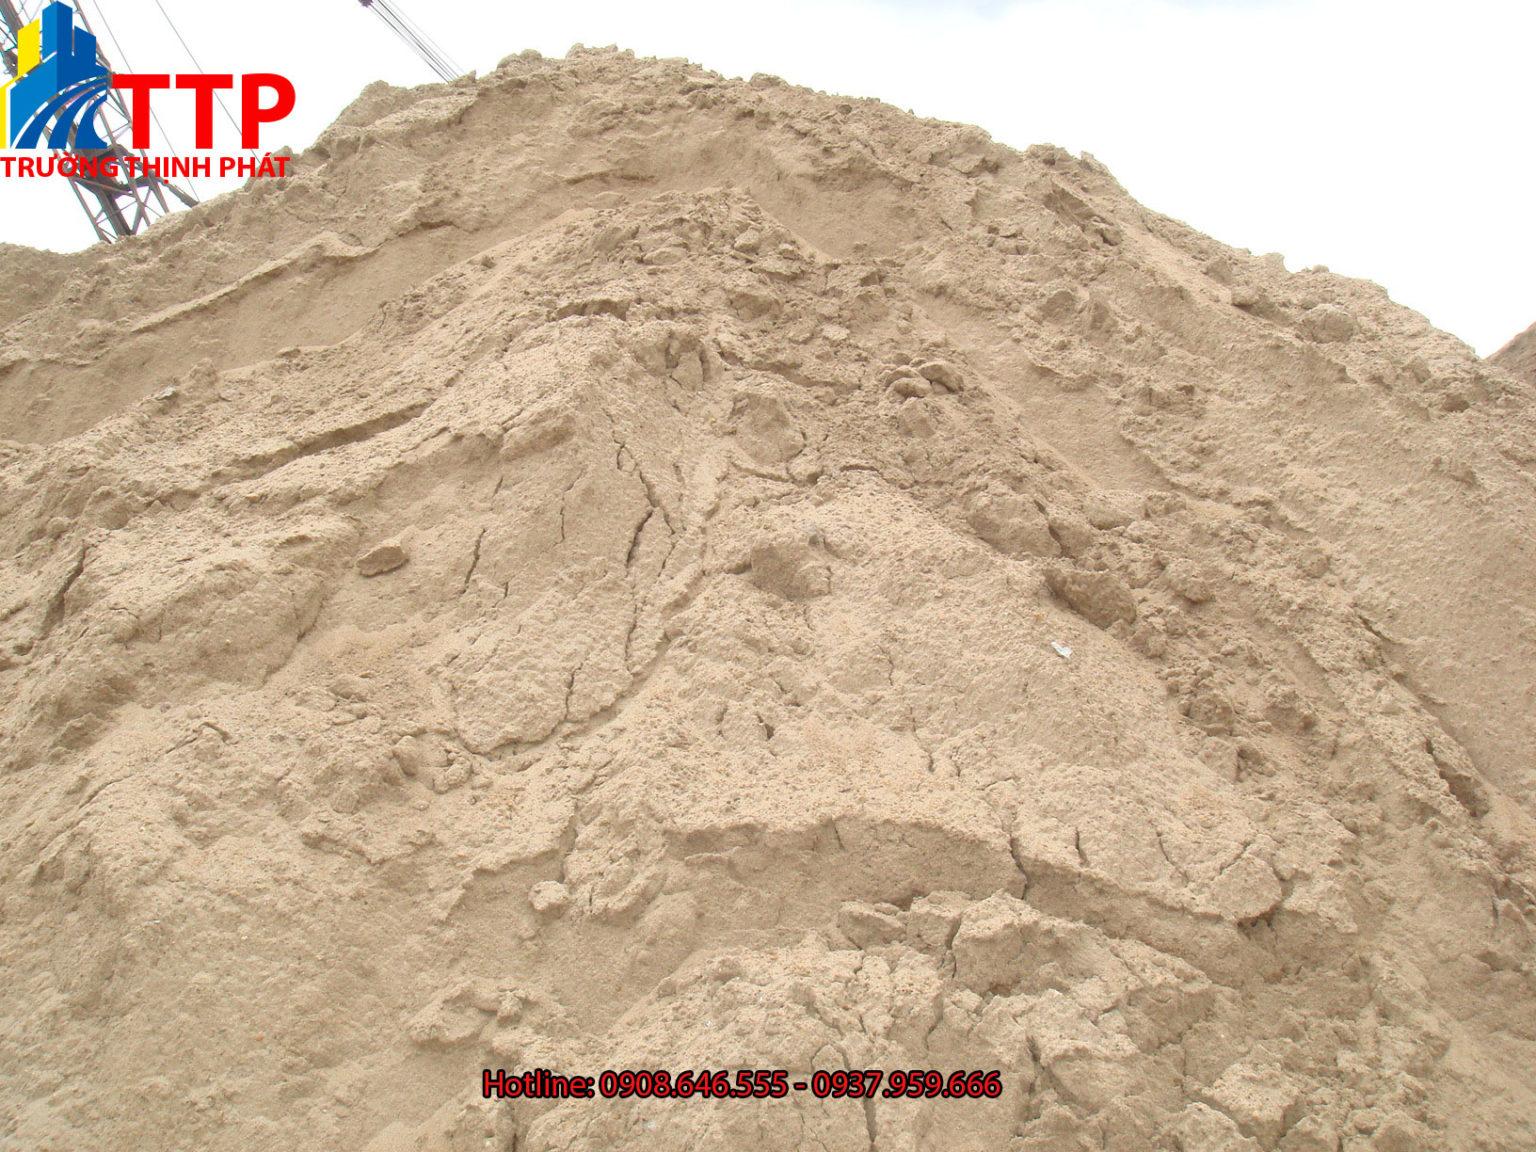 Bảng báo giá cát bê tông tại Bình Phước giá rẻ tháng 06 năm 2020